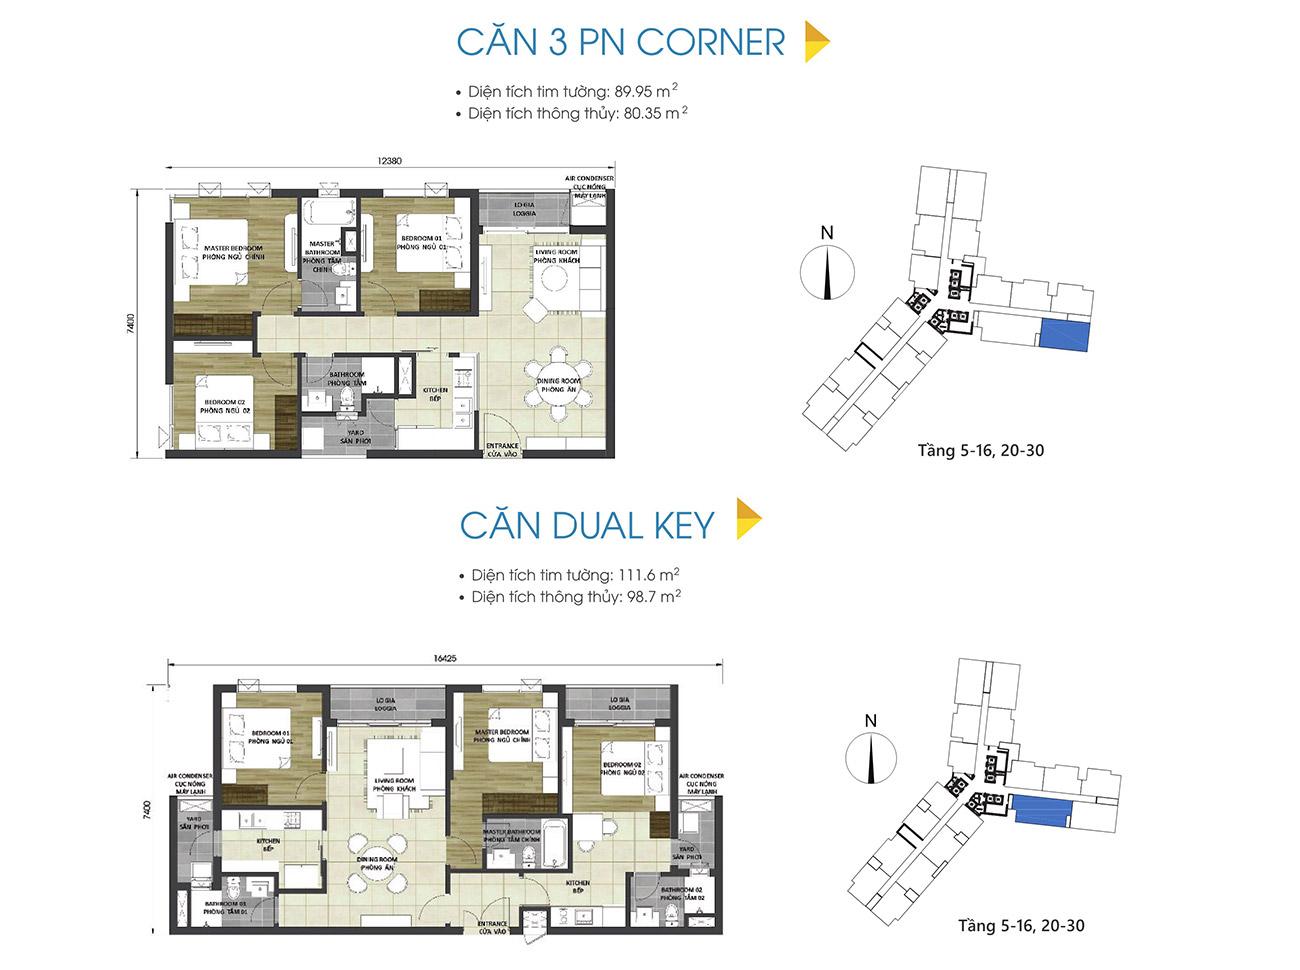 Thiết kế chi tiết căn hộ 3 phòng ngủ dự án & Dual Key D-Homme Quận 6 đường Hồng Bàng